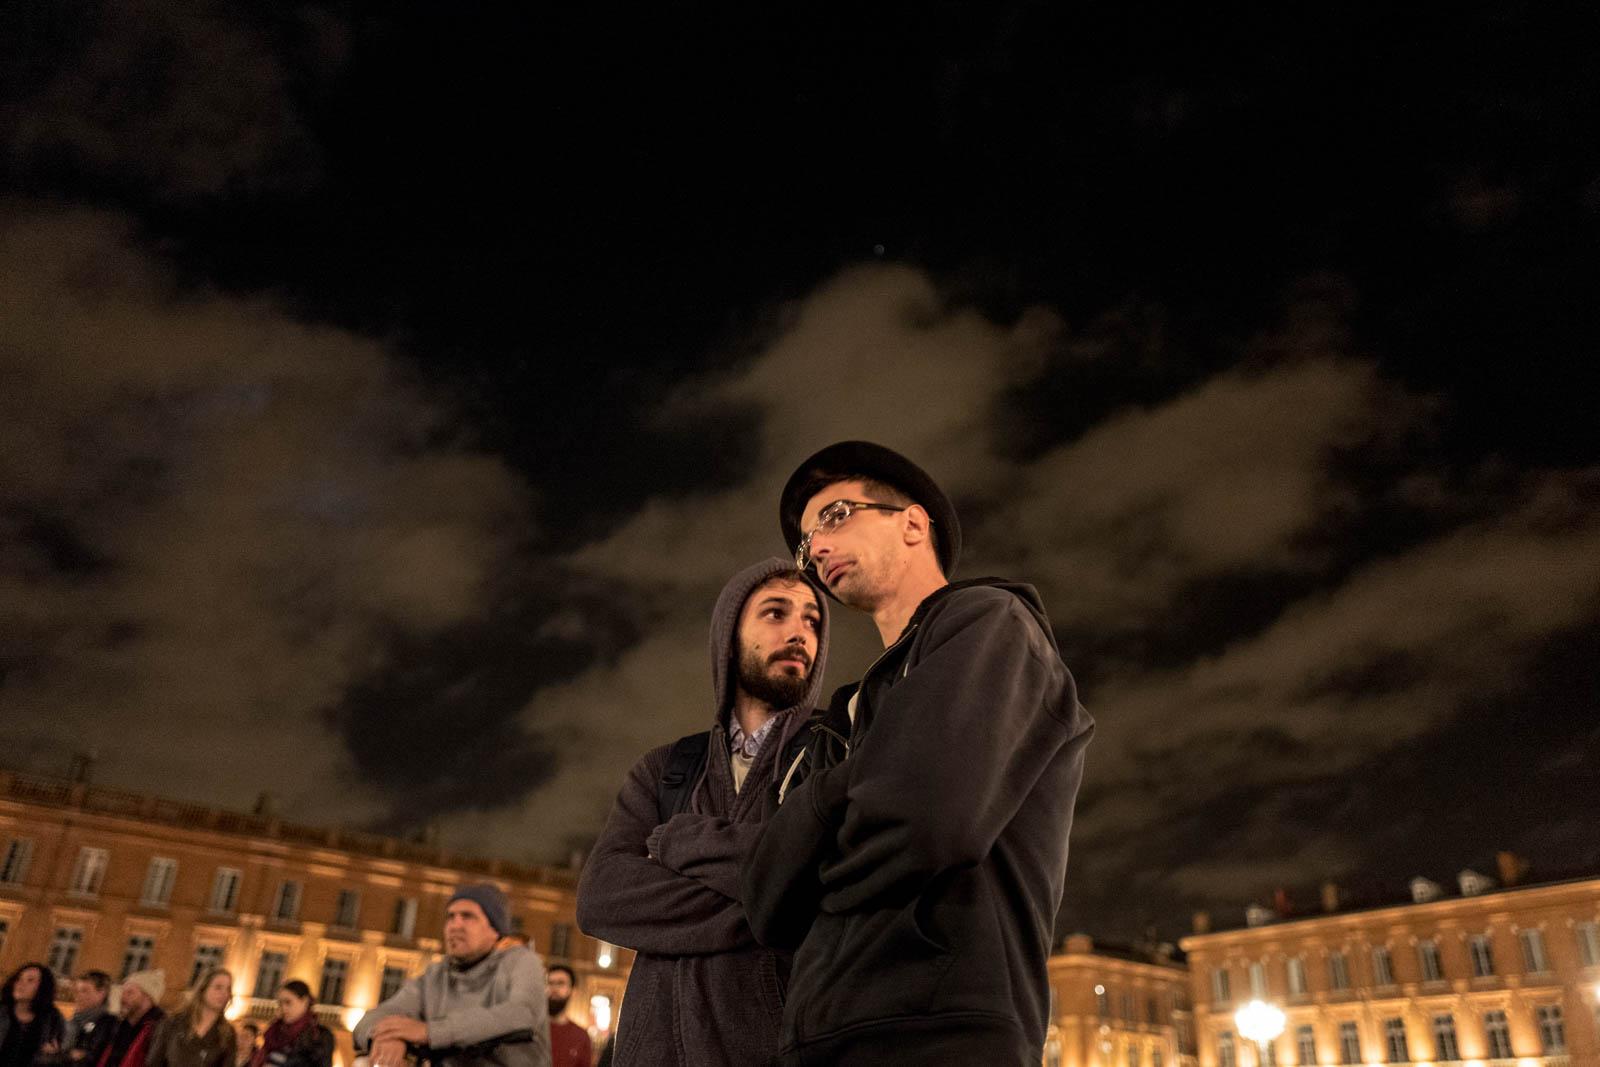 Rassemblement NUIT DEBOUT sur la place du Capitole. Depuis le 31 mars des personnes se sont installées sur différentes grandes places dans des villes de l'hexagone la nuit.  Ces rassemblements pacifiques, appellés NUIT DEBOUT sont ouverts et populaires, ils visent à réinvestir l'espace public pour échanger, débattre et construire, la Place du Capitole est occupée depuis le 5 avril. 11/04/2016, Toulouse-France.